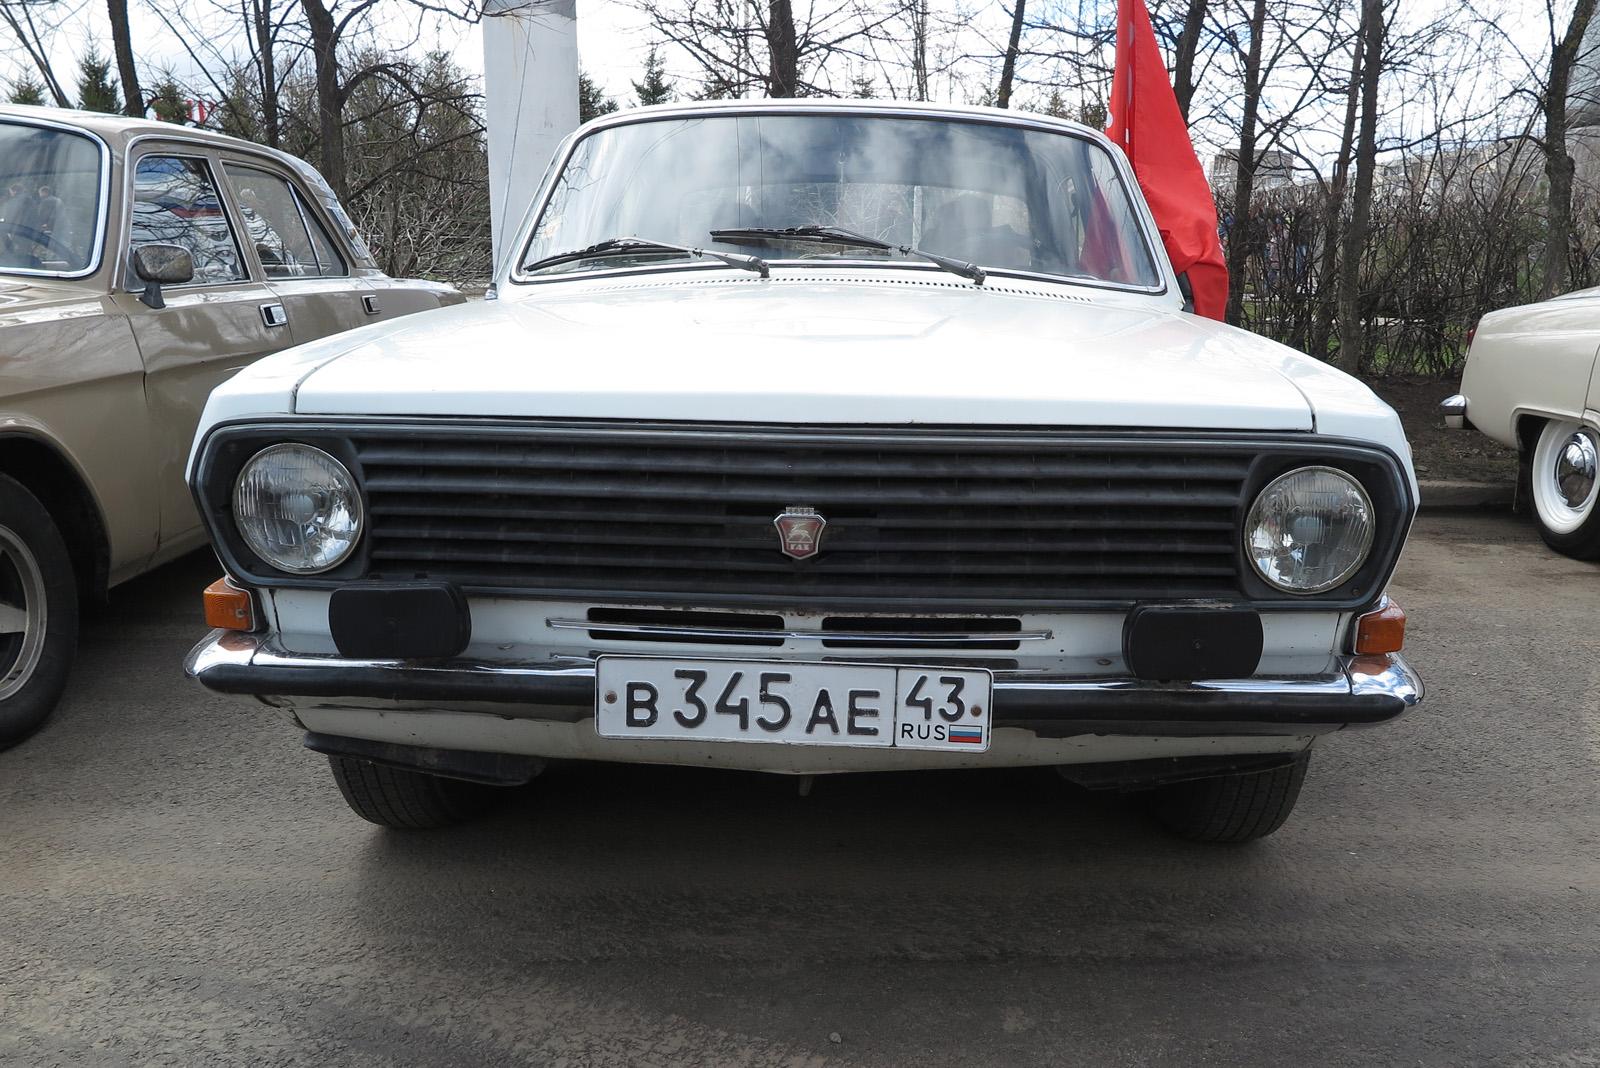 2049 ГАЗ-24 №в345ае.JPG